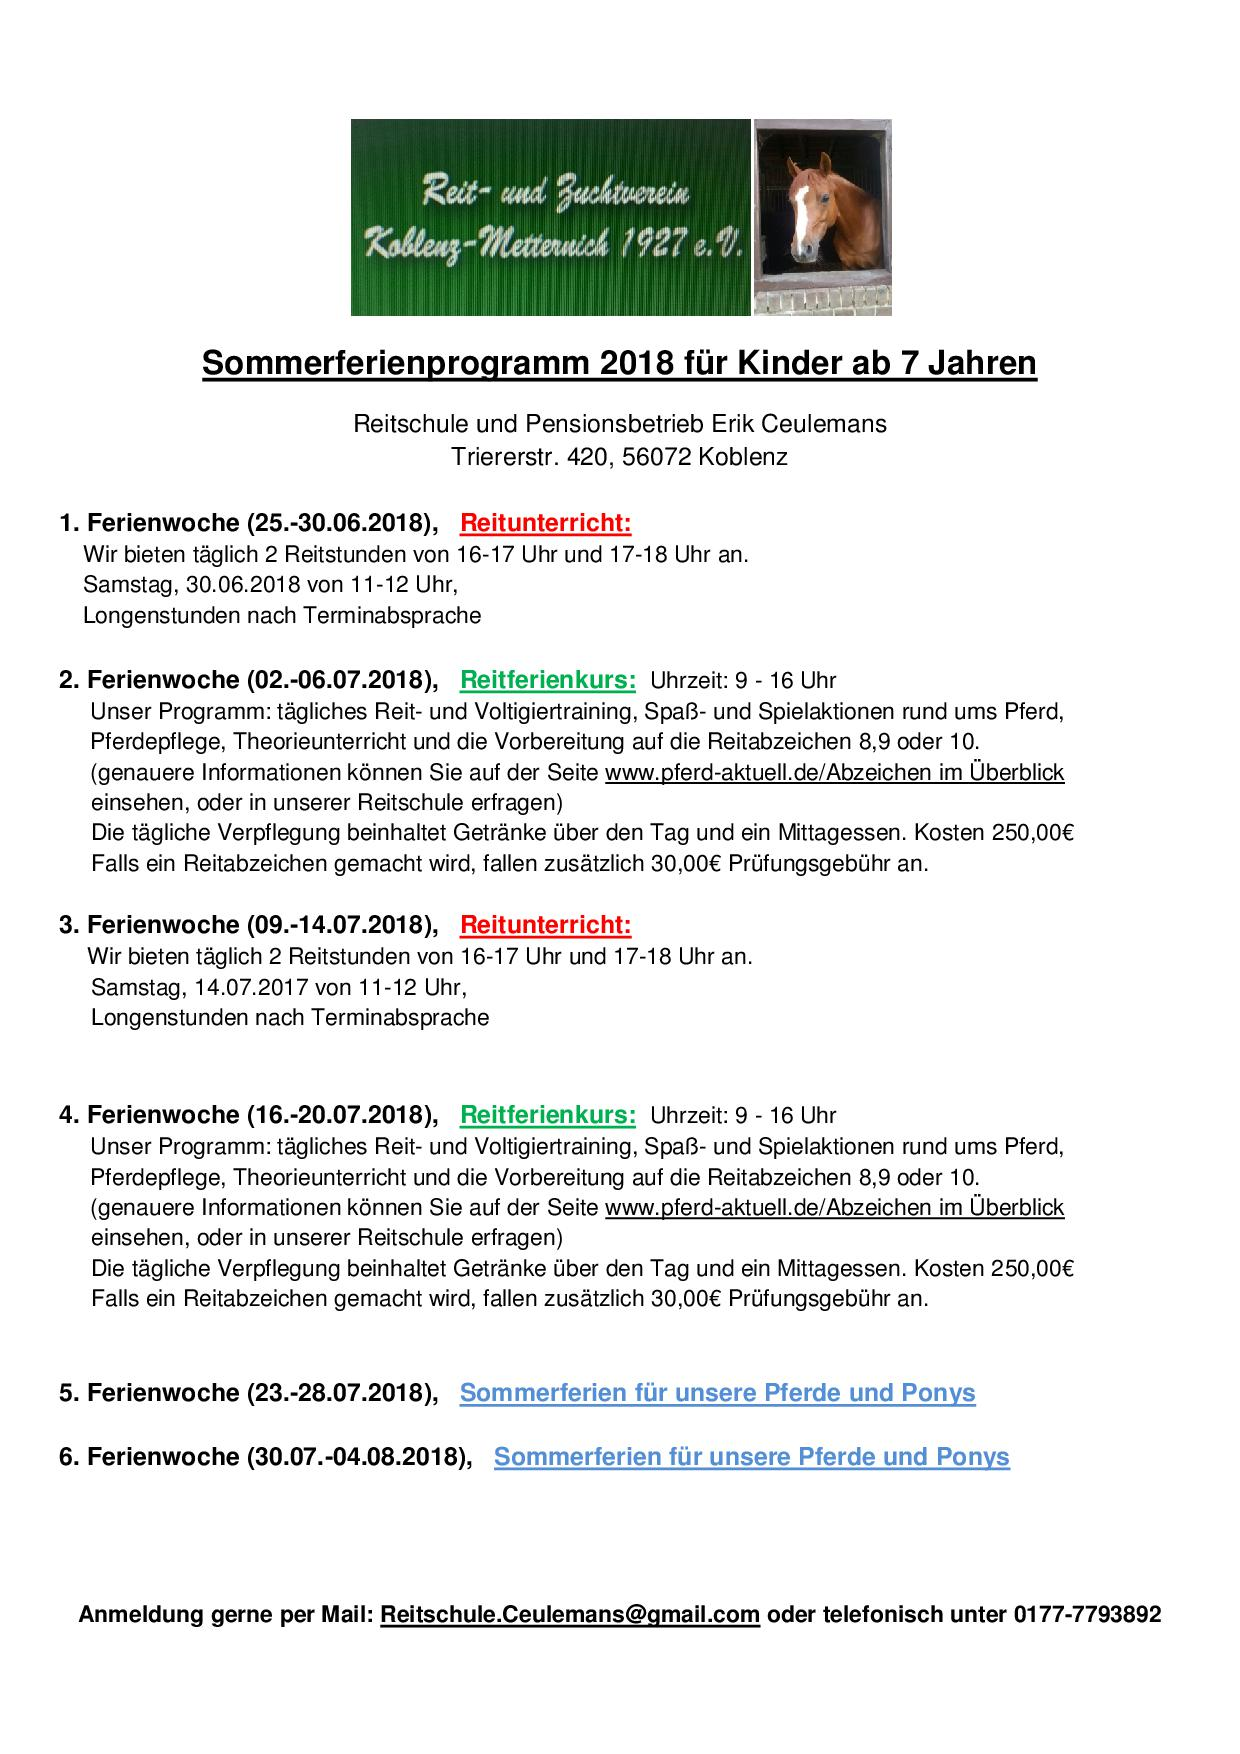 Sommerferienprogramm der Reitschule Erik Ceulemans